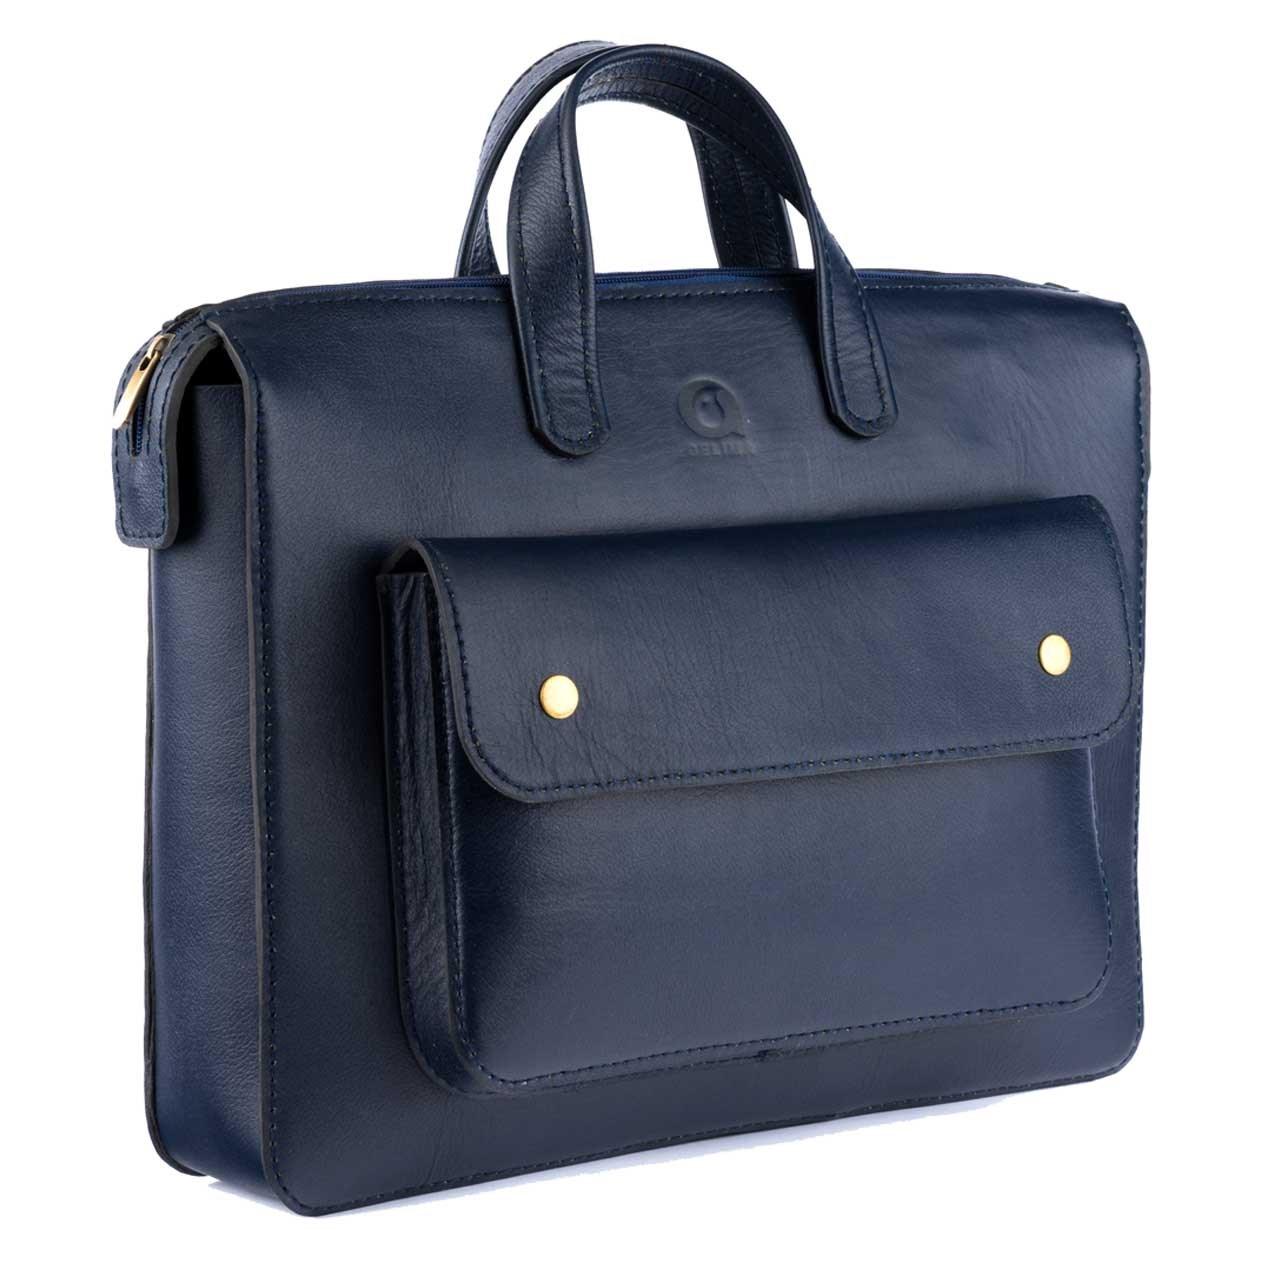 کیف اداری مردانه چرم طبیعی گلیما مدل 236S